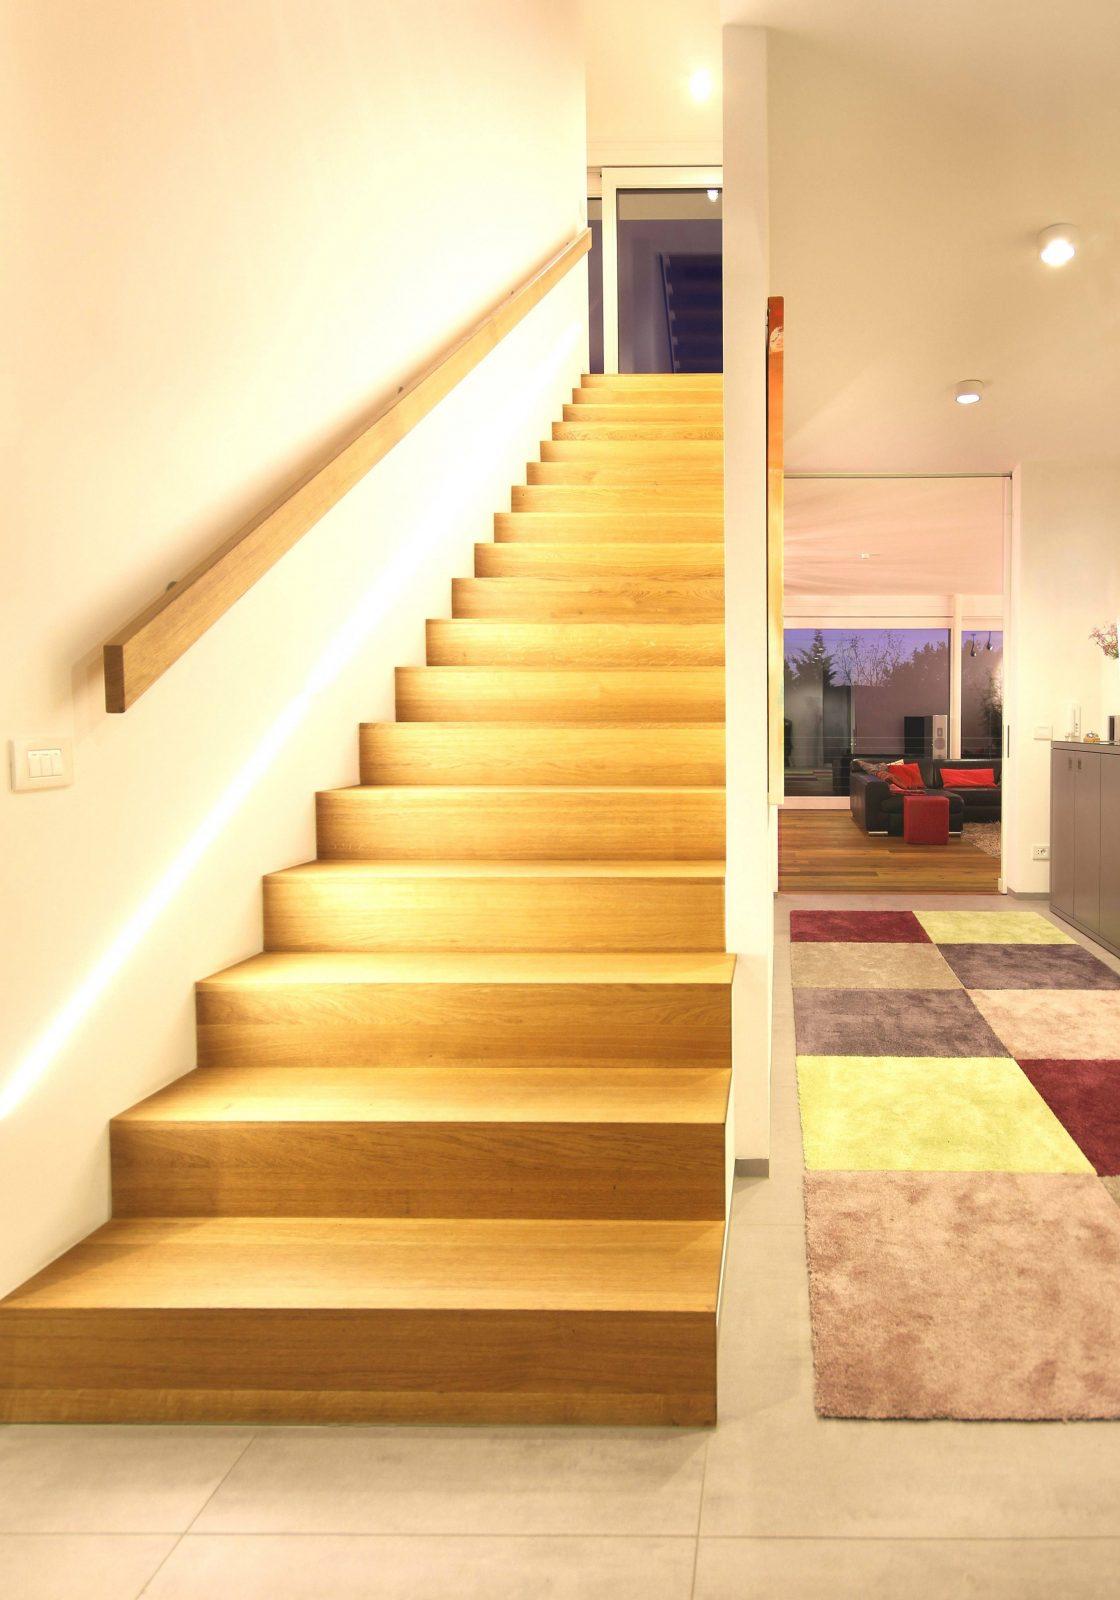 Tolle 40 Treppe Selber Bauen Holz Ideen  Einzigartiger Garten von Freitragende Treppe Selber Bauen Bild